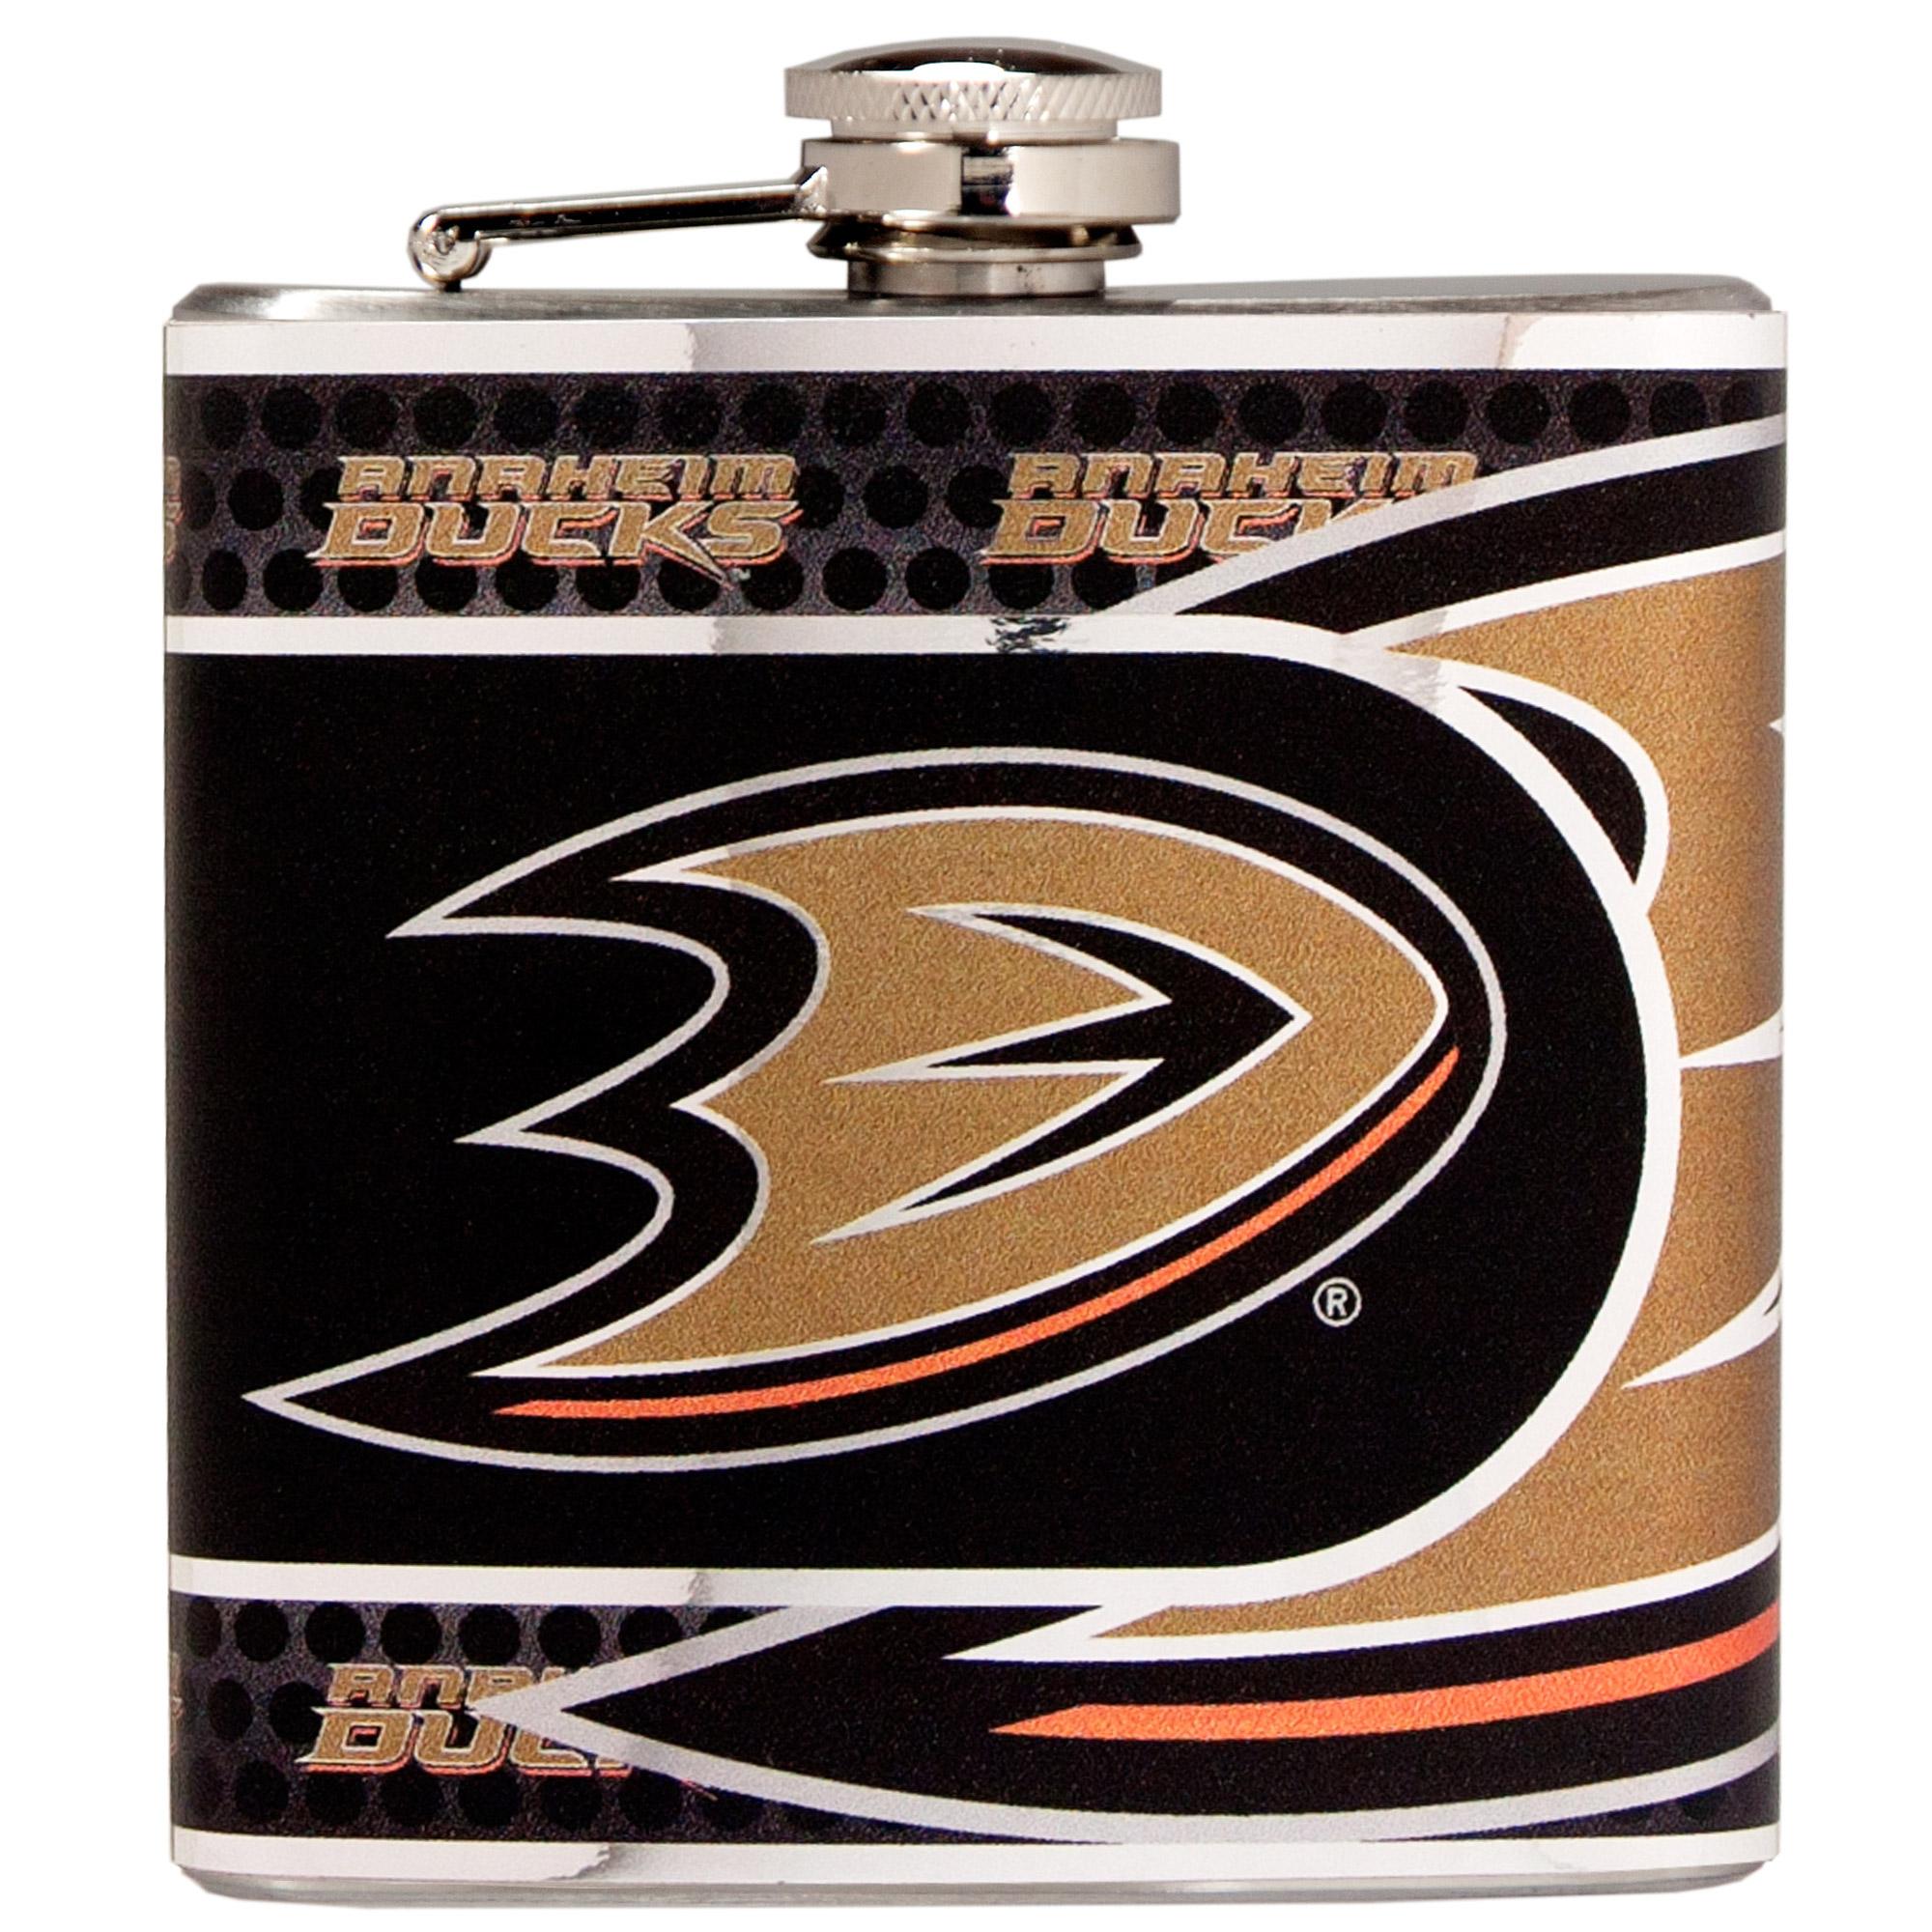 Anaheim Ducks 6oz. Stainless Steel Hip Flask - Silver - No Size